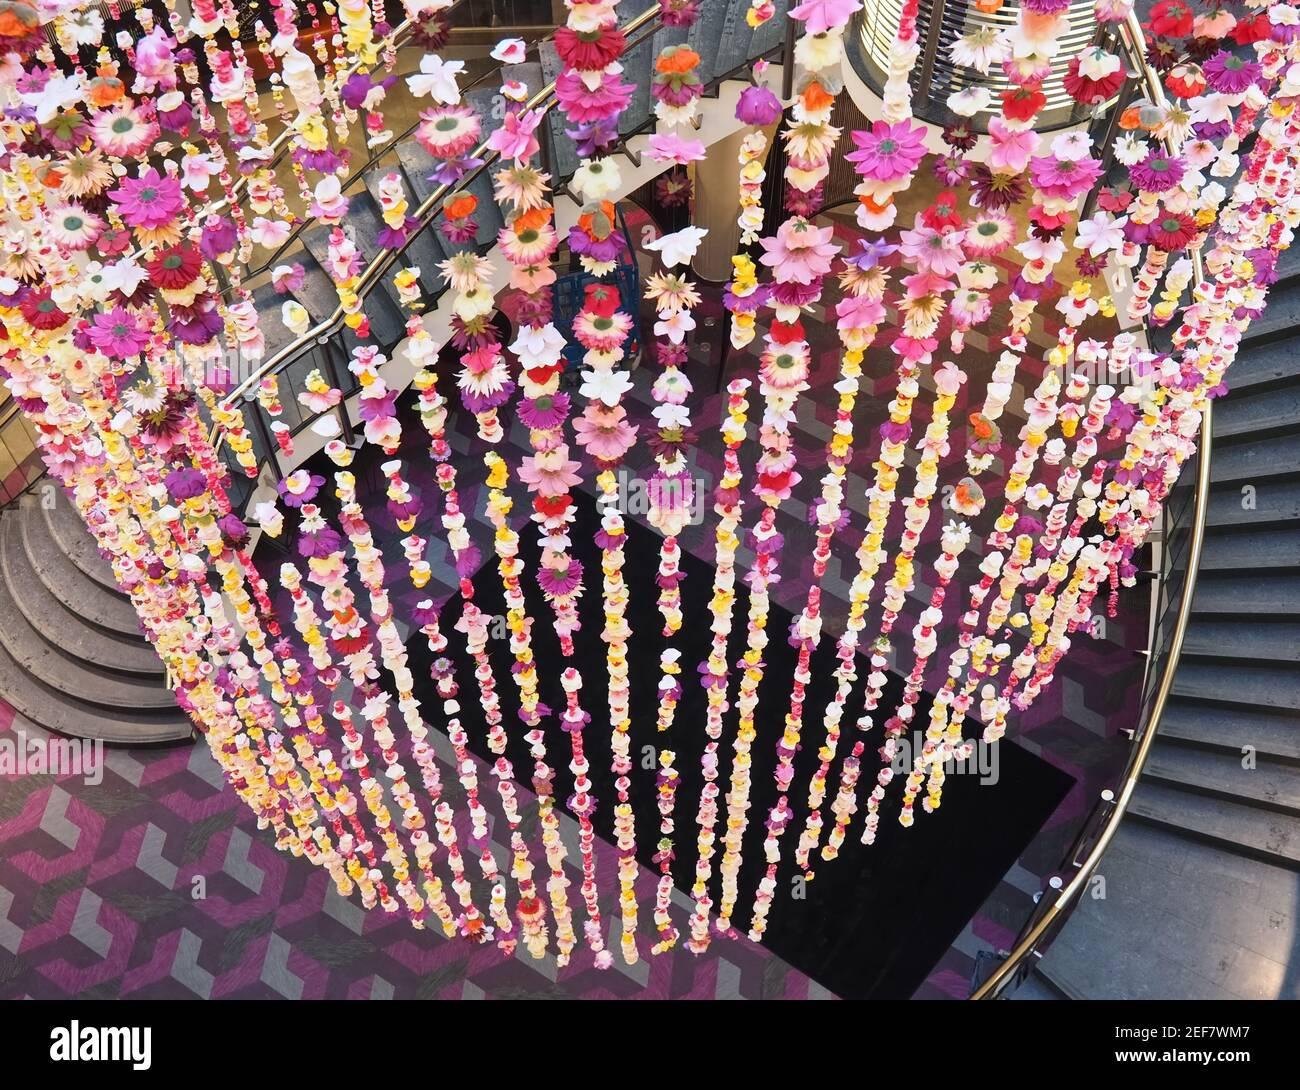 Escalera con decoración floral dentro del famoso centro comercial Schadow Arkaden En Düsseldorf Foto de stock